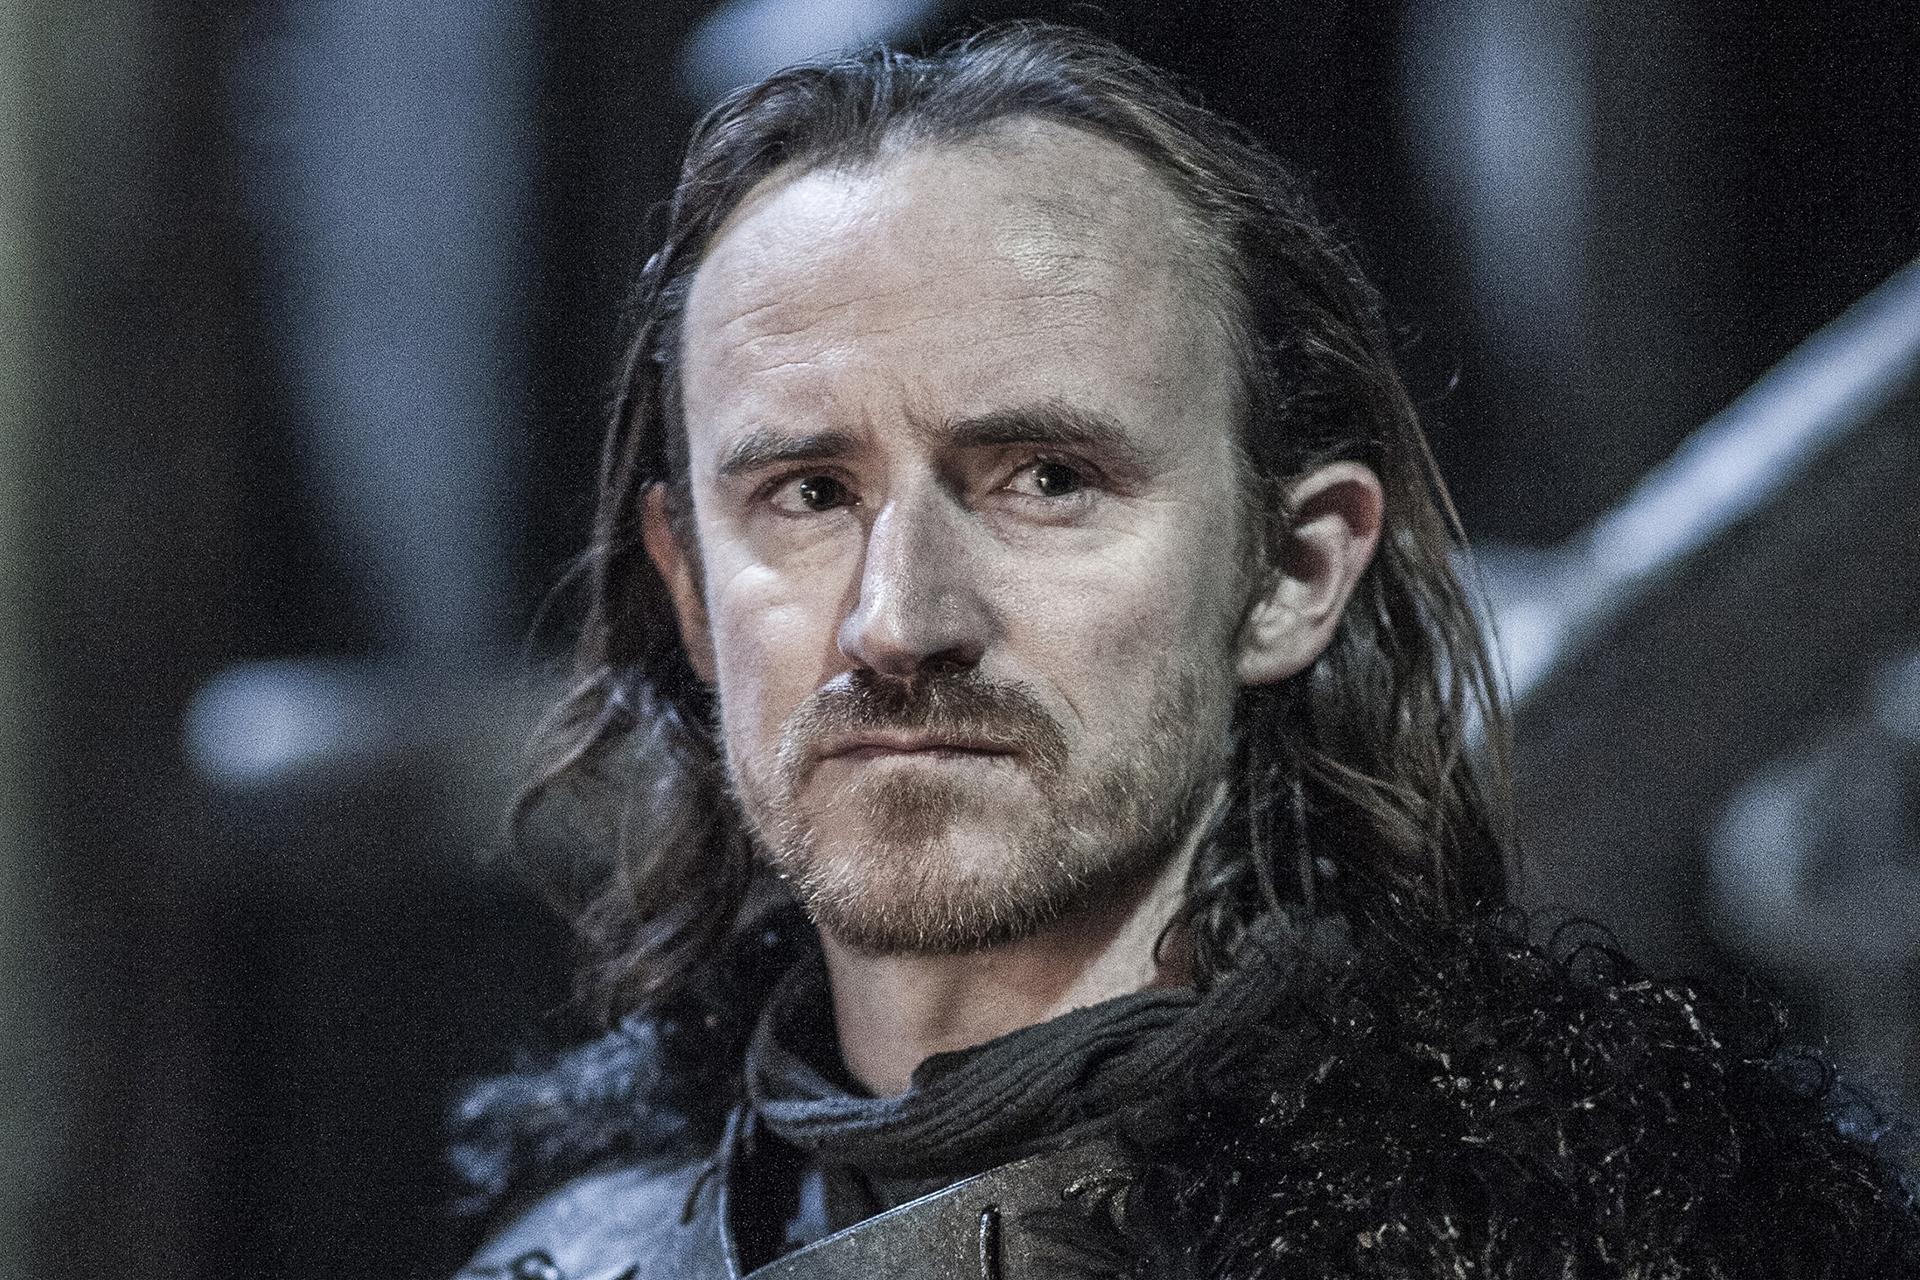 Ben Crompton in season 6, episode 2 of Game of Thrones.